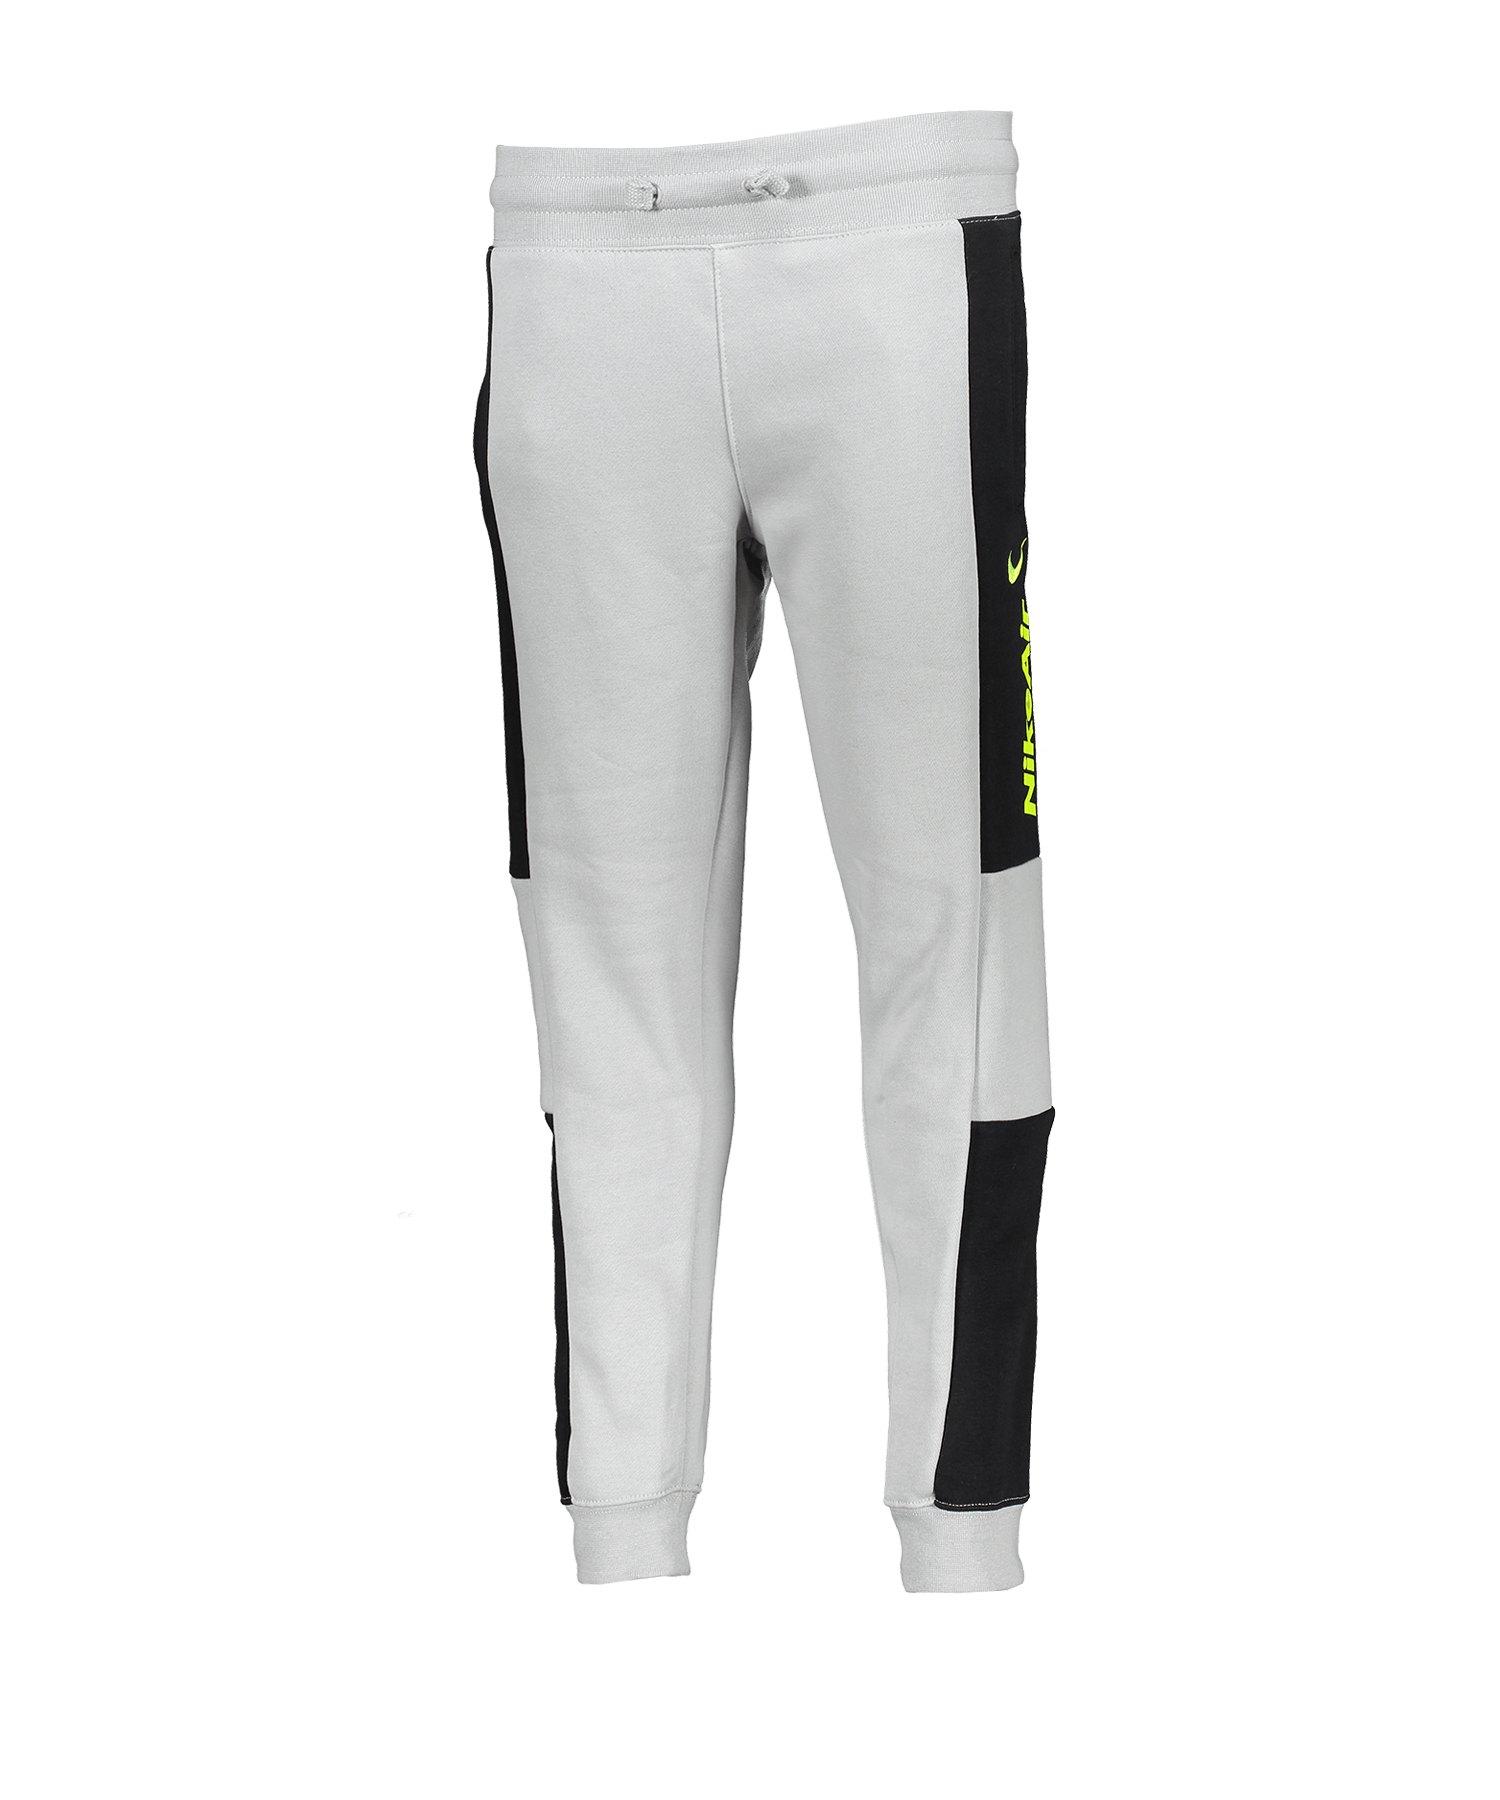 Nike Air Pants Hose lang Kids Grau F077 - grau